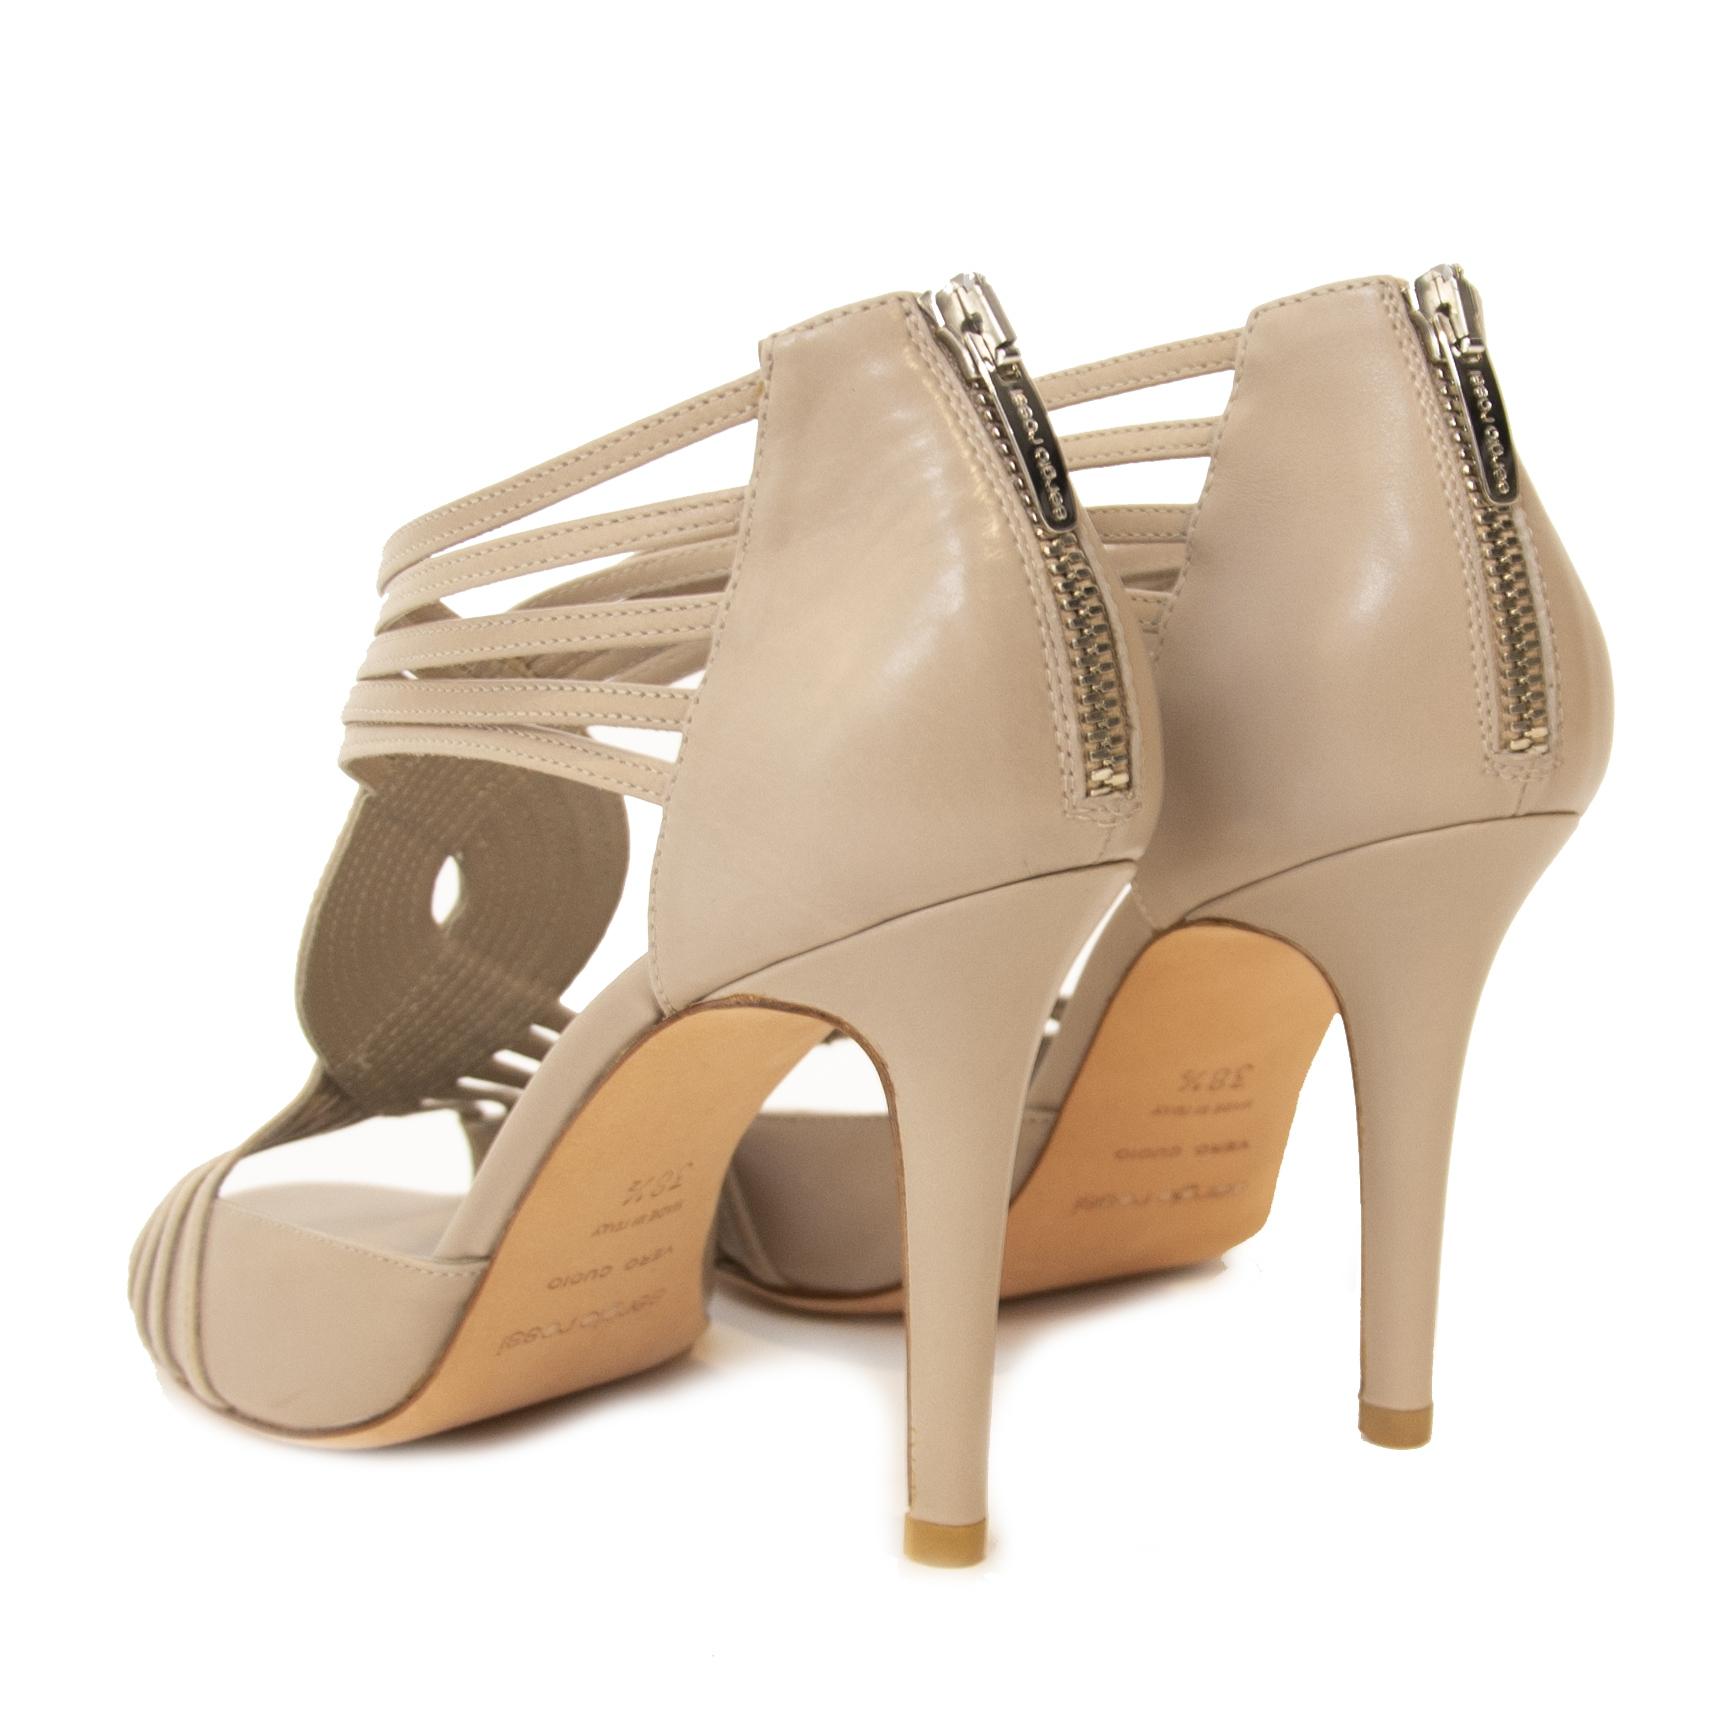 Buy authentic shoes Sergio Rossi Sandals in Beige at the right price at LabelLOV vintage webshop. Safe and secure online shopping. Koop authentieke tweedehands Sergio Rossi sandalen aan de juiste prijs bij LabelLOV webshop in Antwerpen.